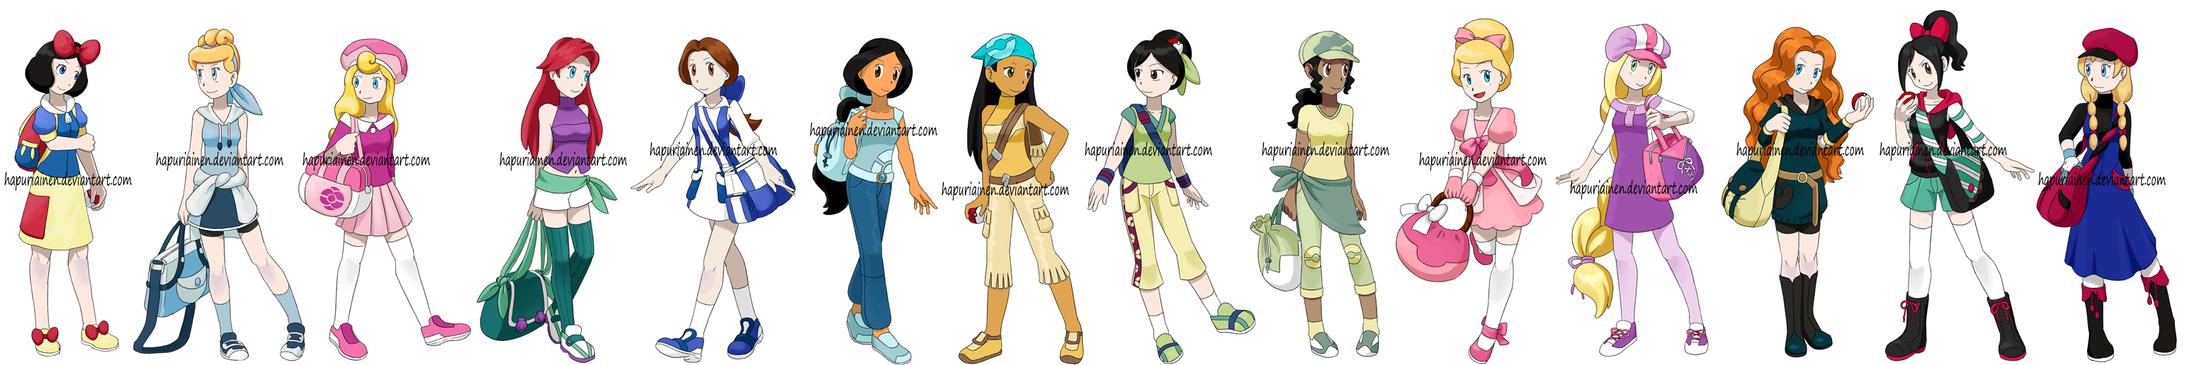 Pokemon Princesses 8 By Hapuriainen On DeviantArt